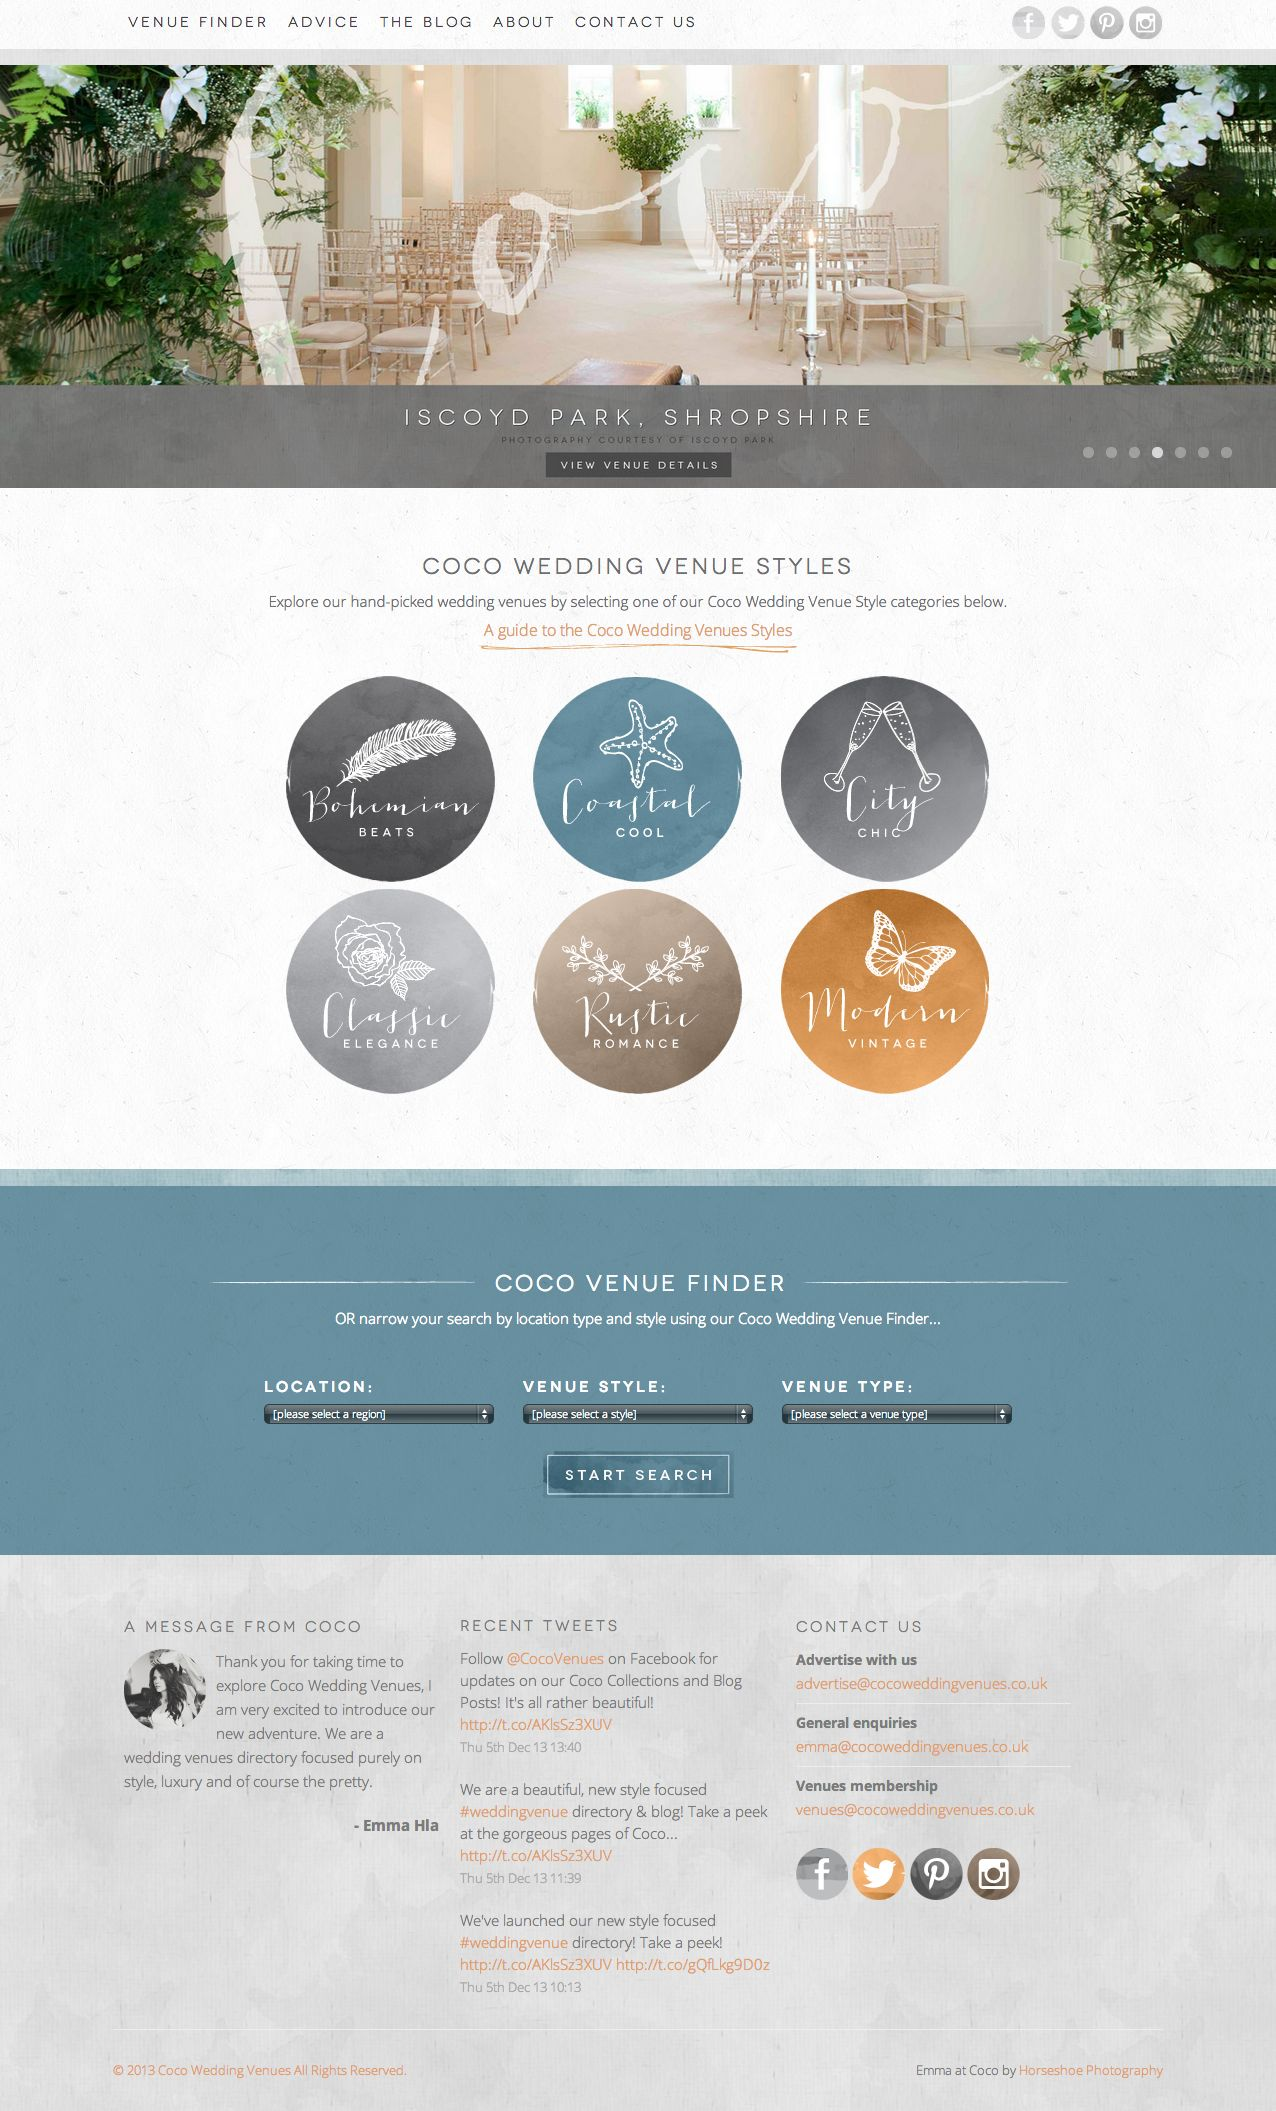 Coco Wedding Venues Homepage.